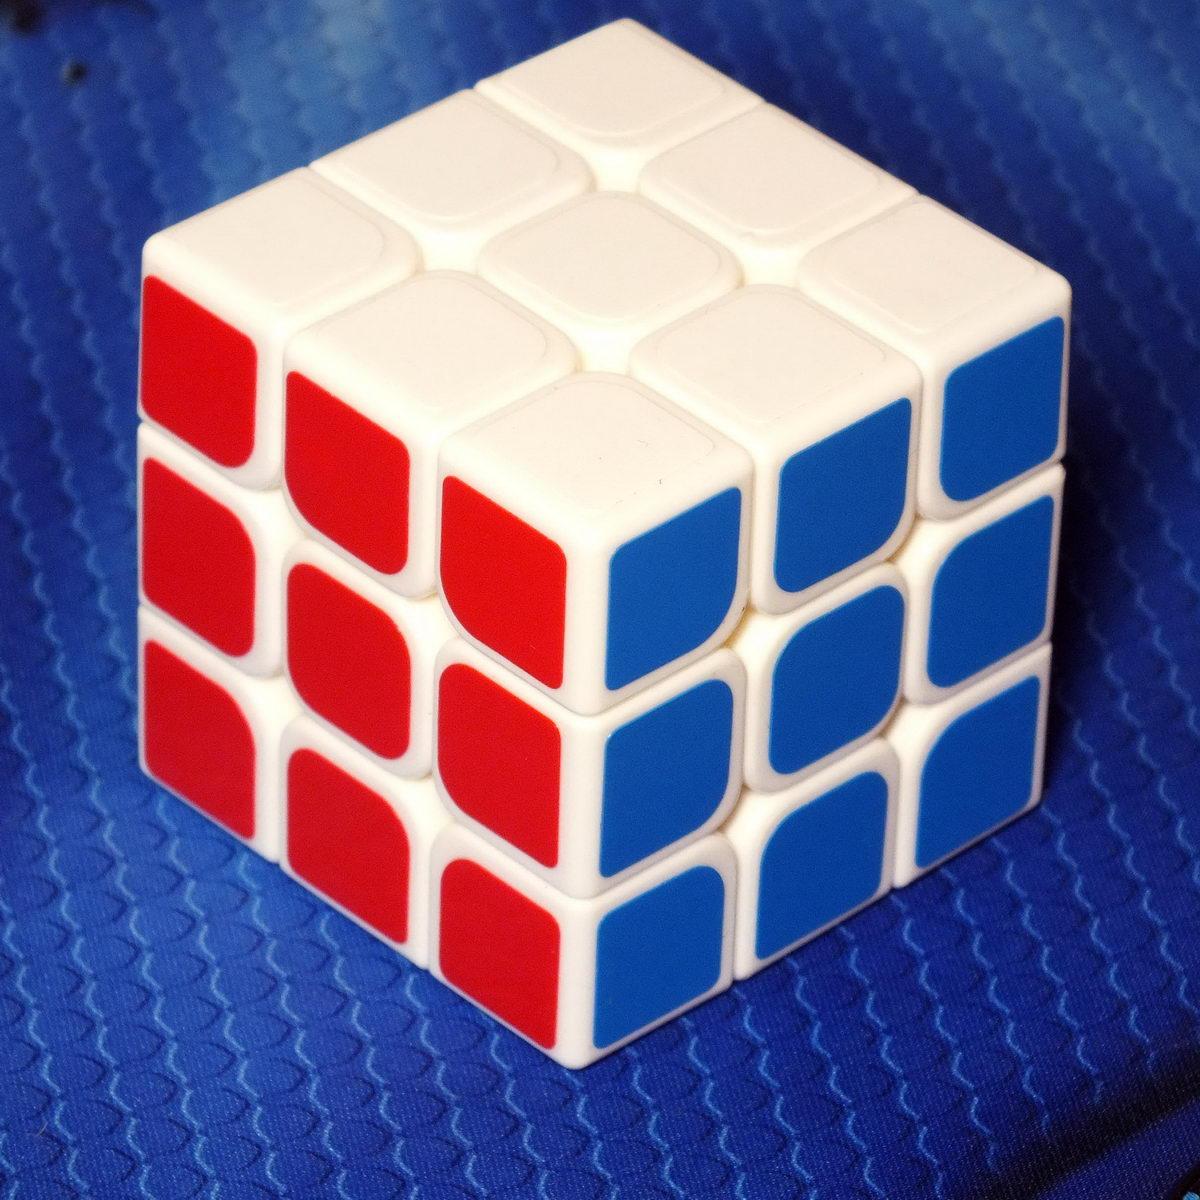 MoYu Guanlong 3x3 White